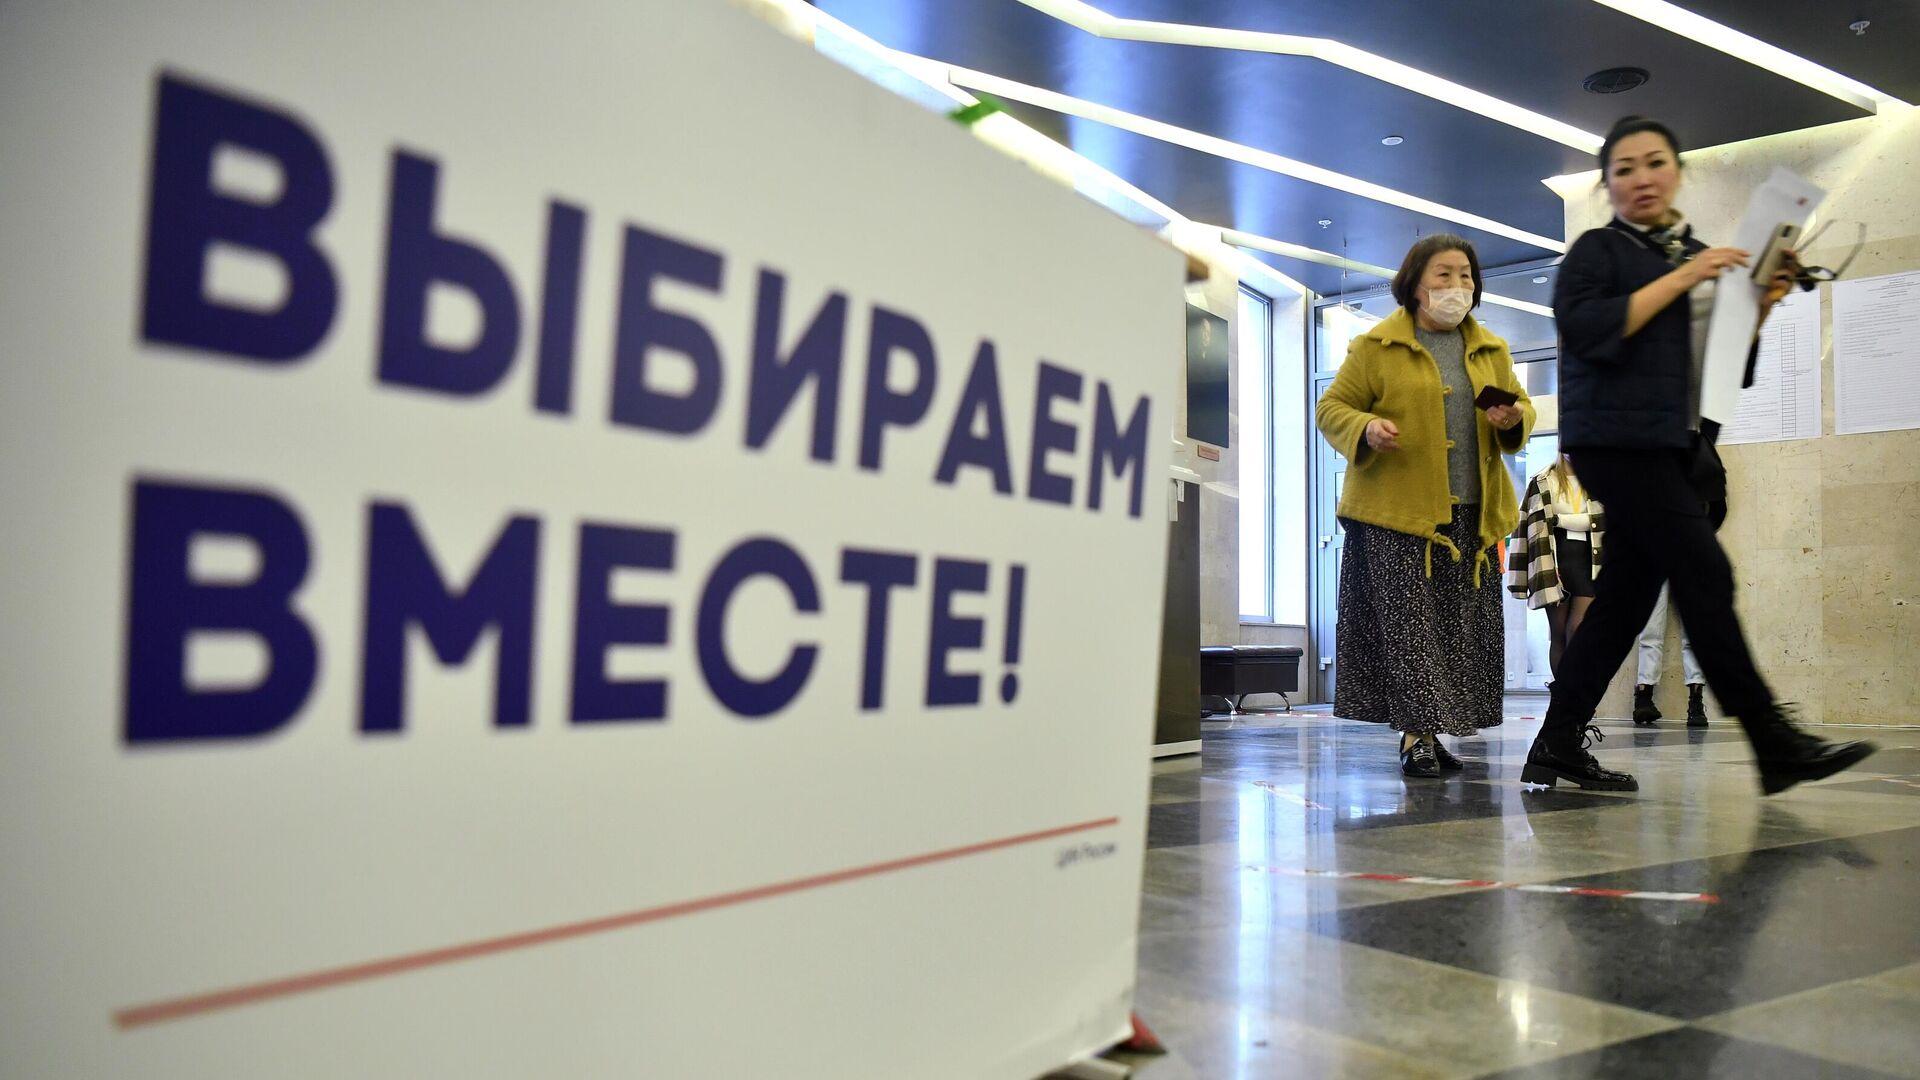 Единый день голосования в  России - Sputnik Беларусь, 1920, 19.09.2021